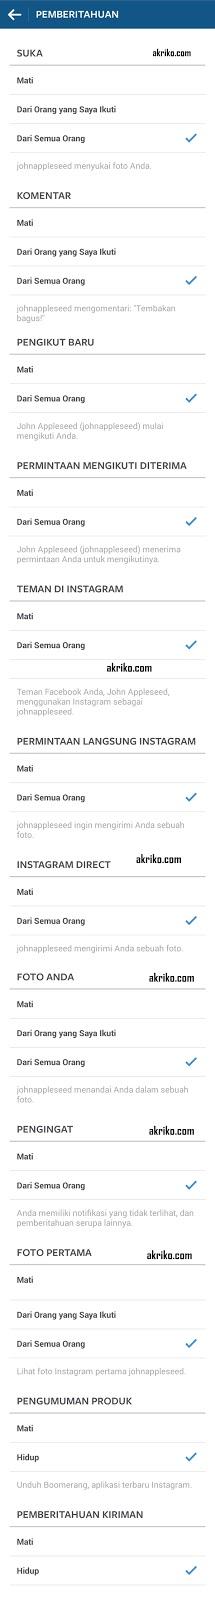 Siapakah John Appleseed di Notifikasi Instagram?